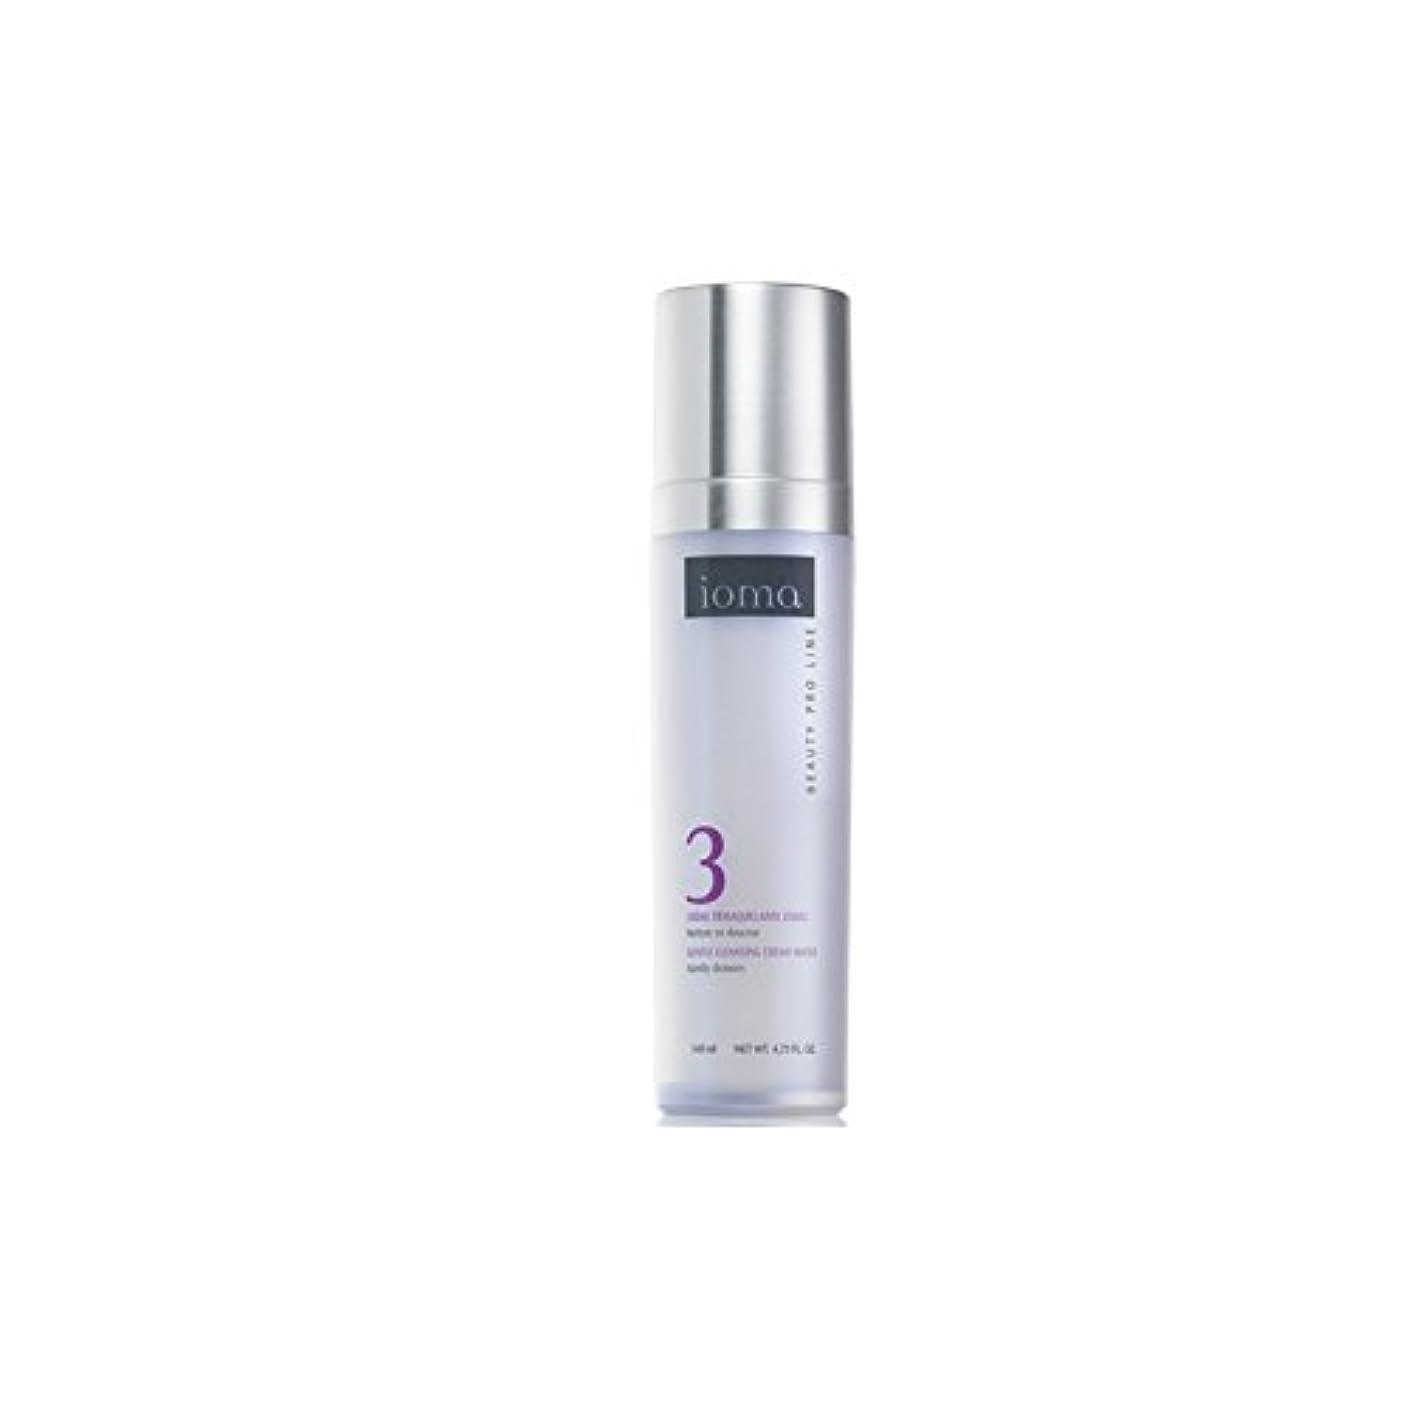 スラック愛情深い後方にIoma Gentle Cleansing Cream Water 140ml (Pack of 6) - ジェントルクレンジングクリーム水140ミリリットル x6 [並行輸入品]